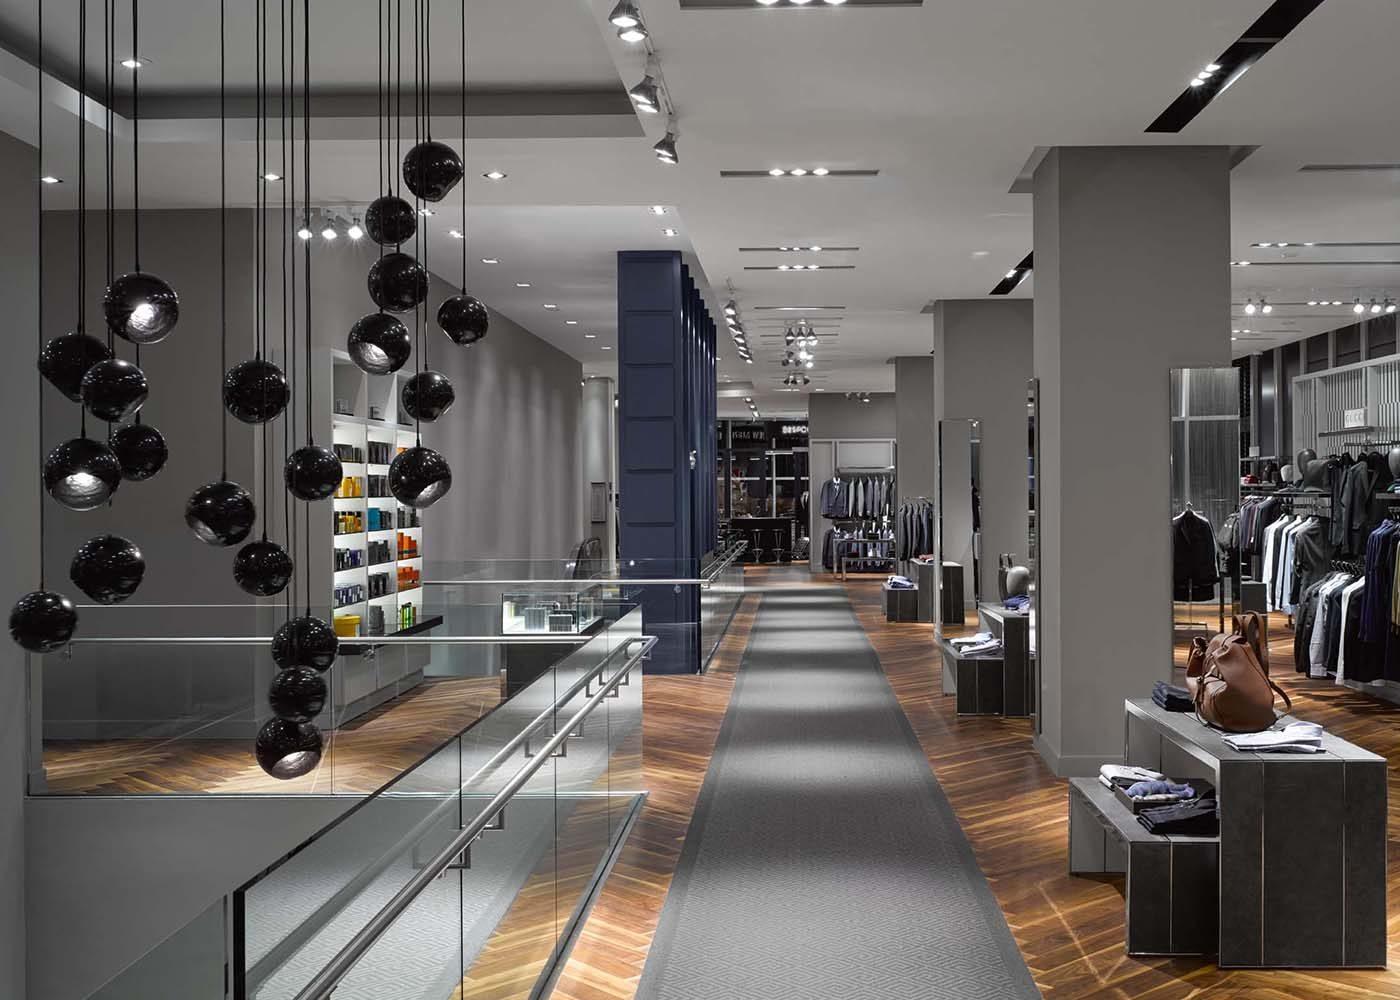 Lors de votre voyage au Canada, passez dans un magasin Holt Renfrew.